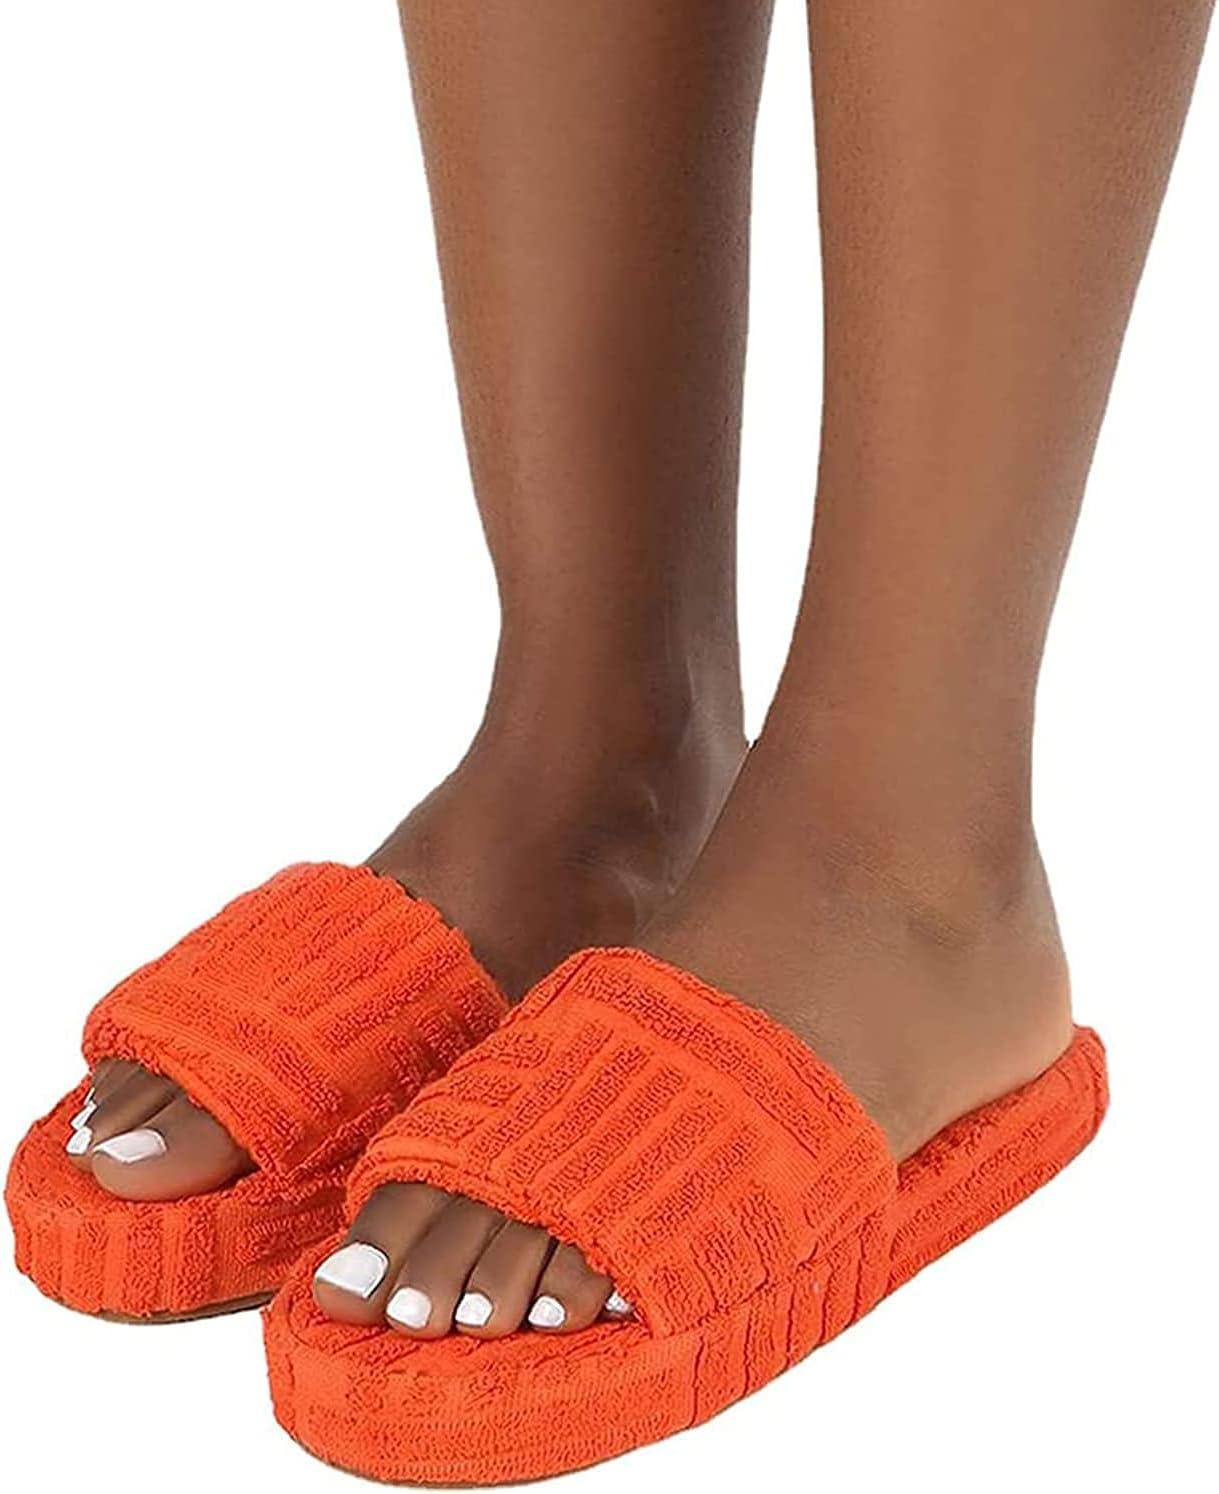 Pantuflas deslizantes de toalla de felpa, pantuflas con punta abierta de tela de felpa, sandalias planas suaves y cómodas con soporte de arco, pantuflas antideslizantes para la casa (naranja,36)